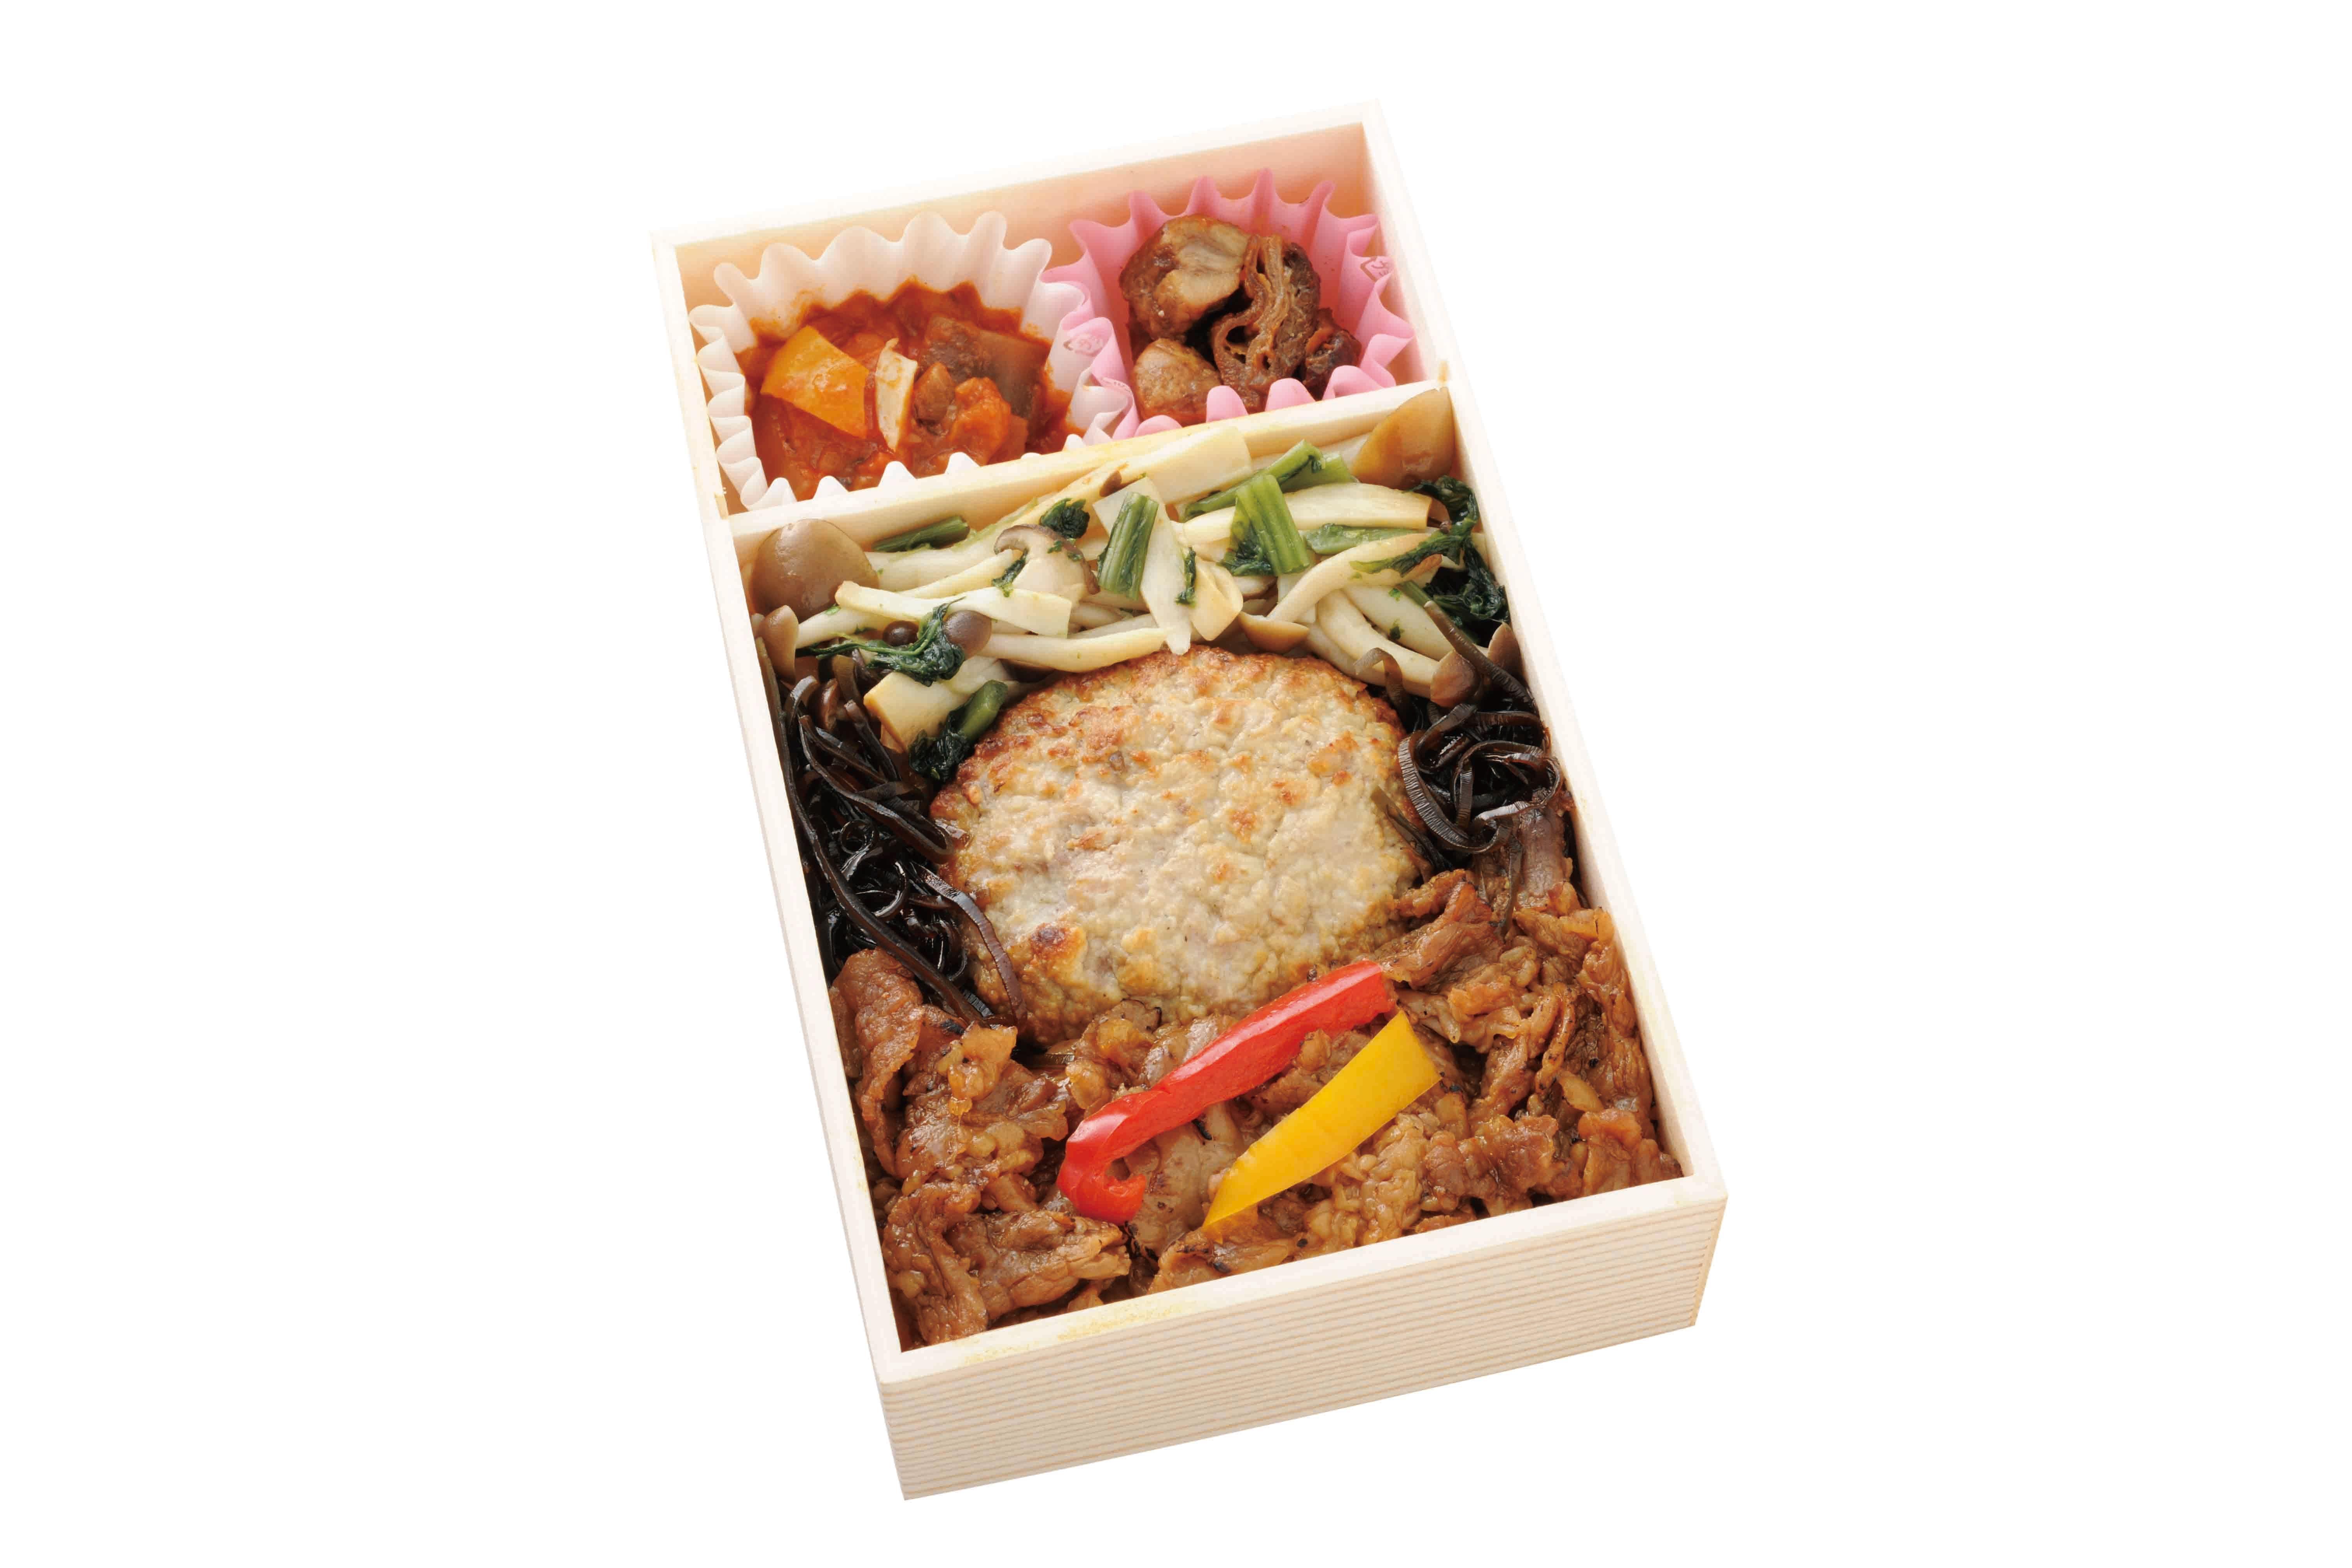 東京駅の「人気お弁当ランキング2019」発表! 『エキュート東京』&『グランスタ』のTOP3と、行楽弁当もお届け!_2